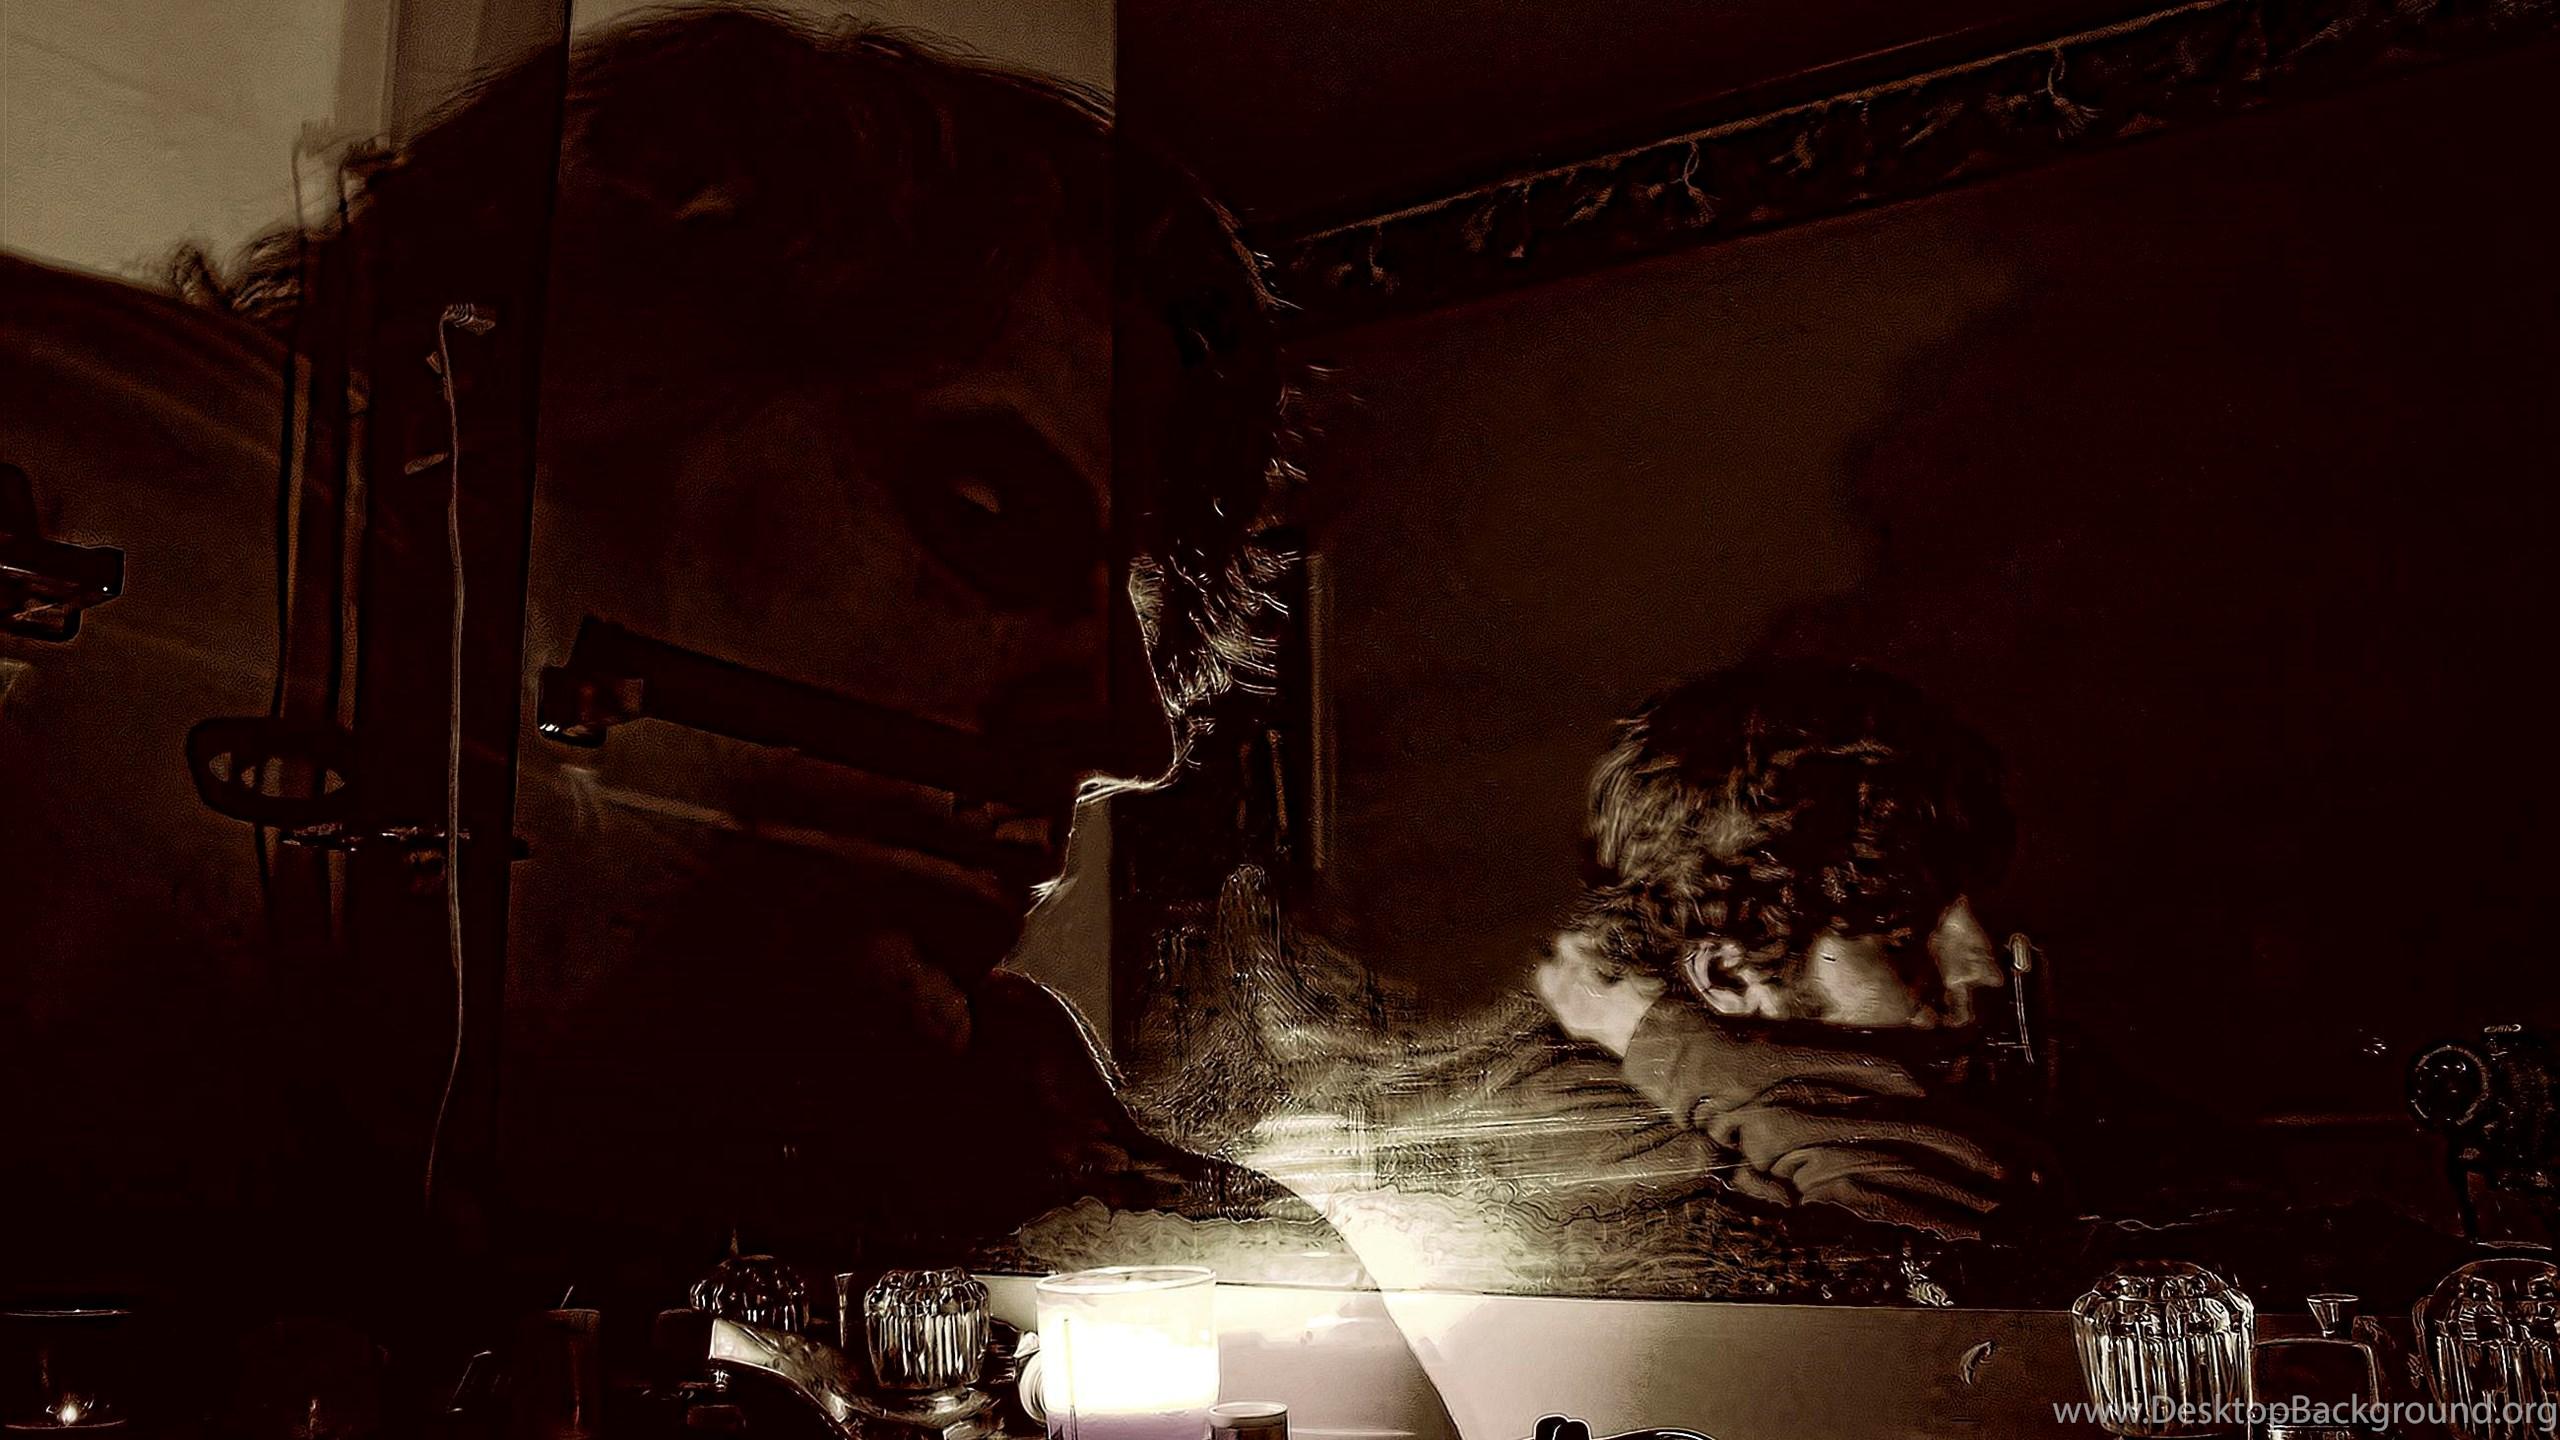 maroon mirror wallpapers from dark wallpapers desktop background